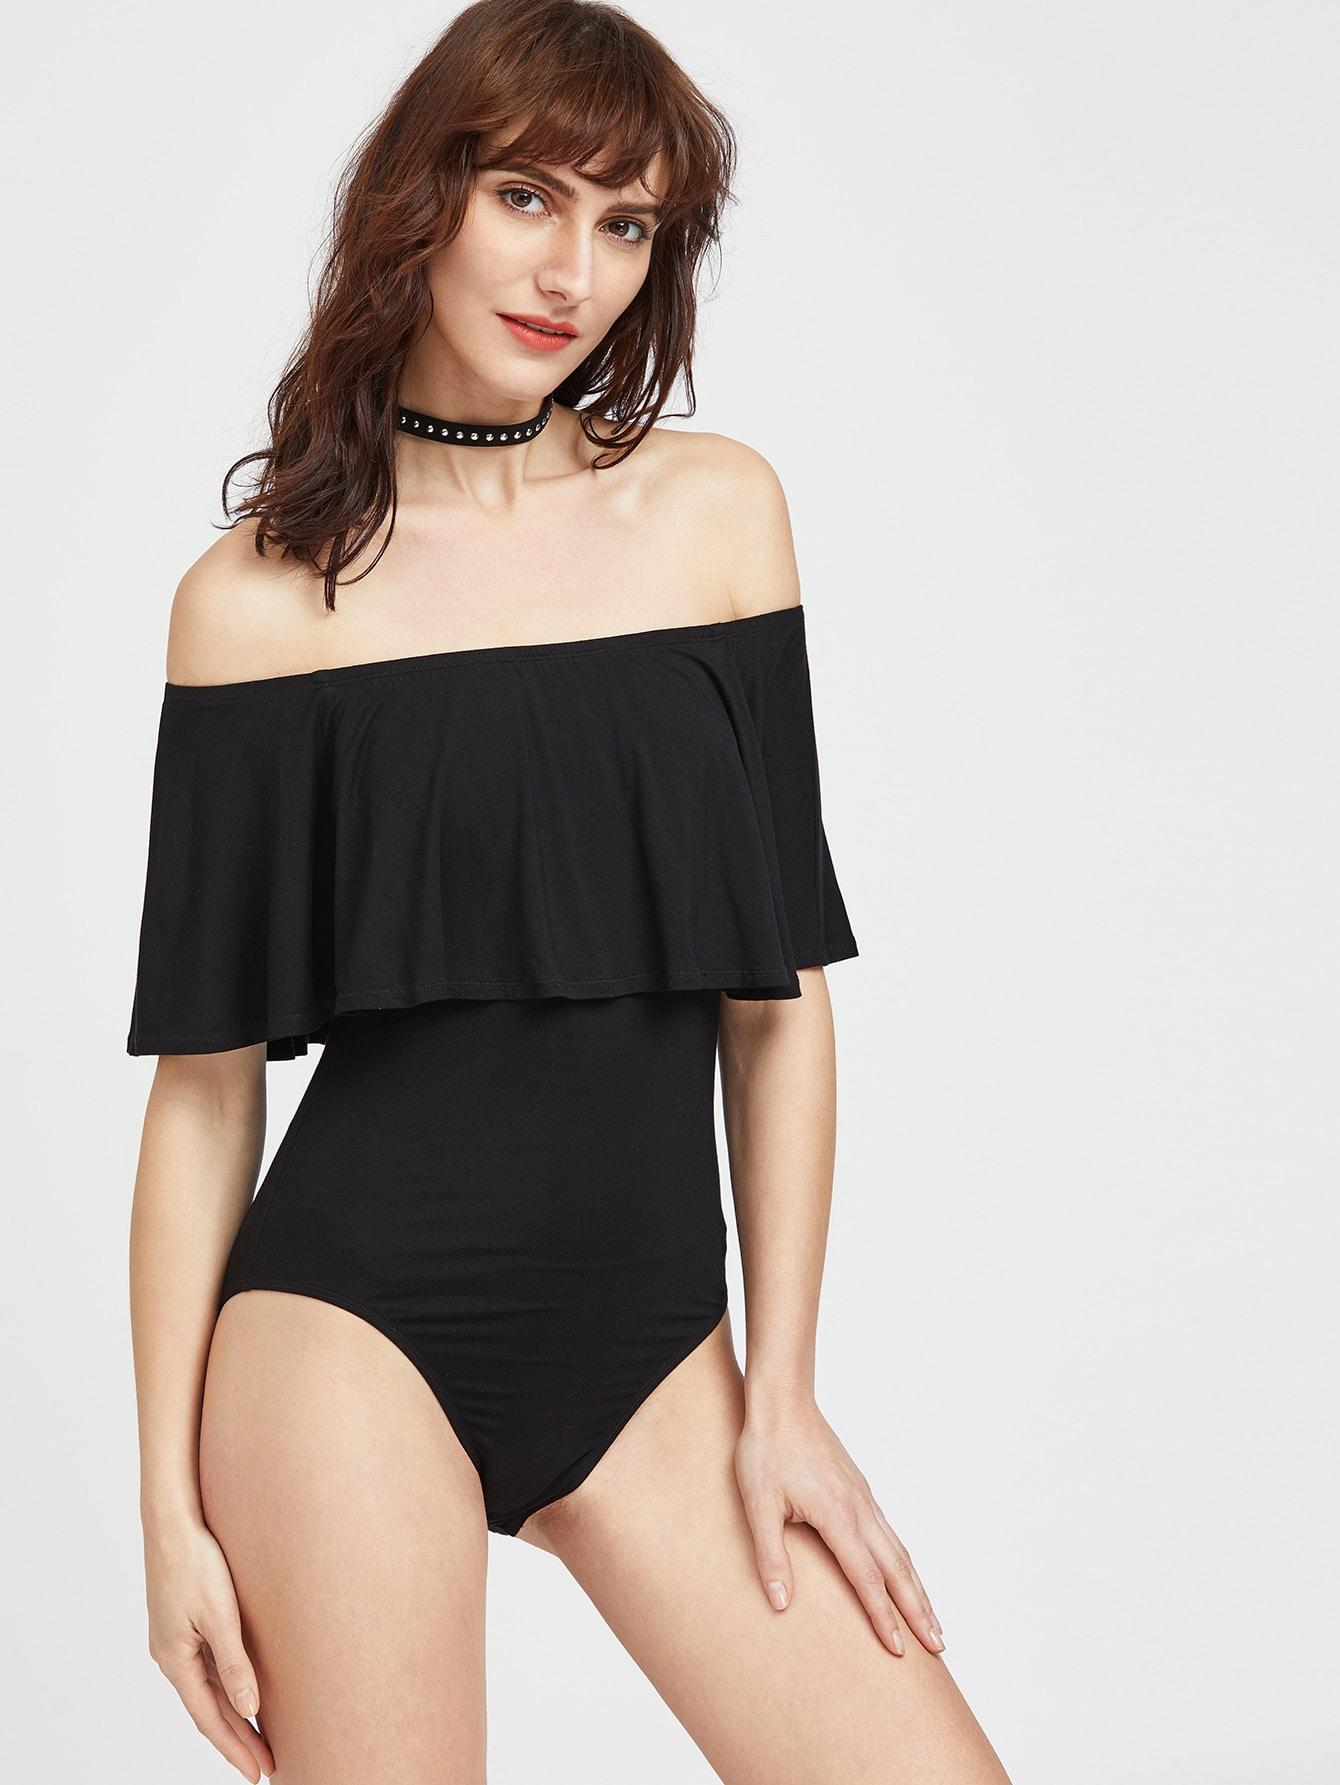 Flounce Layered Neckline Bodysuit